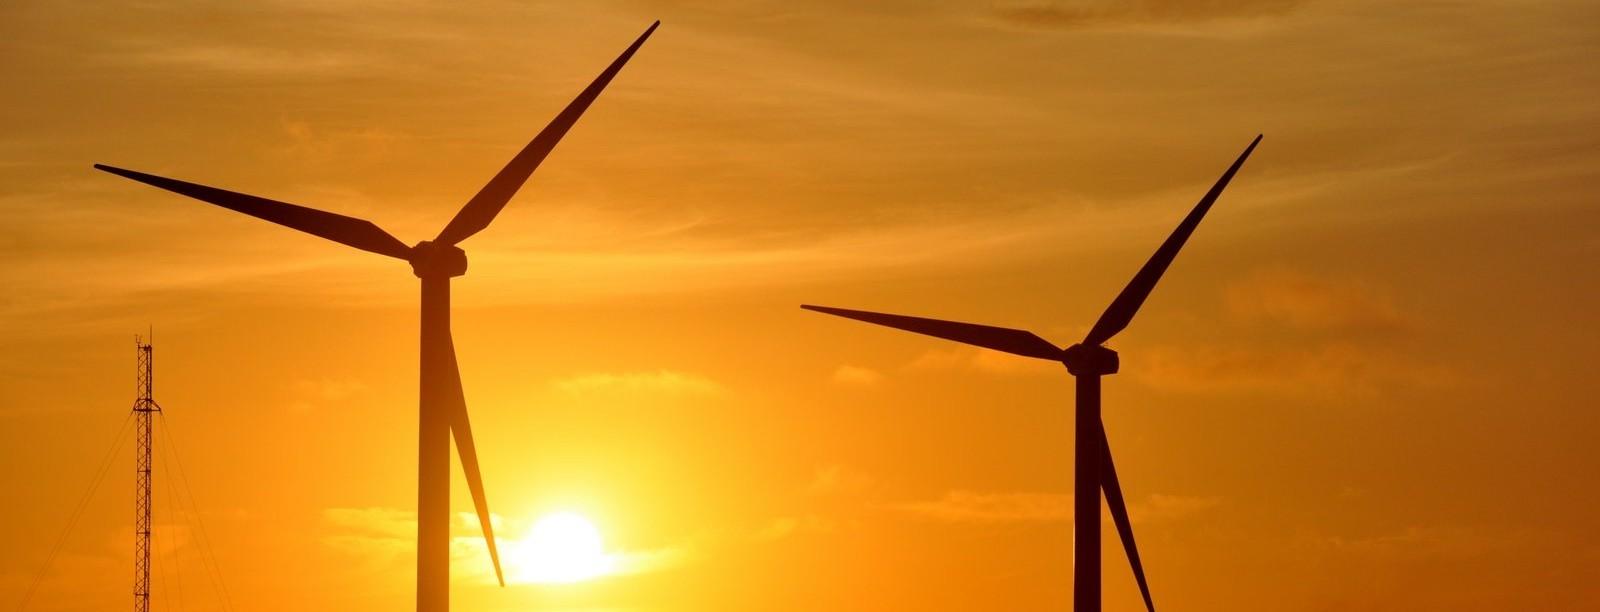 éolienne-wind-mills